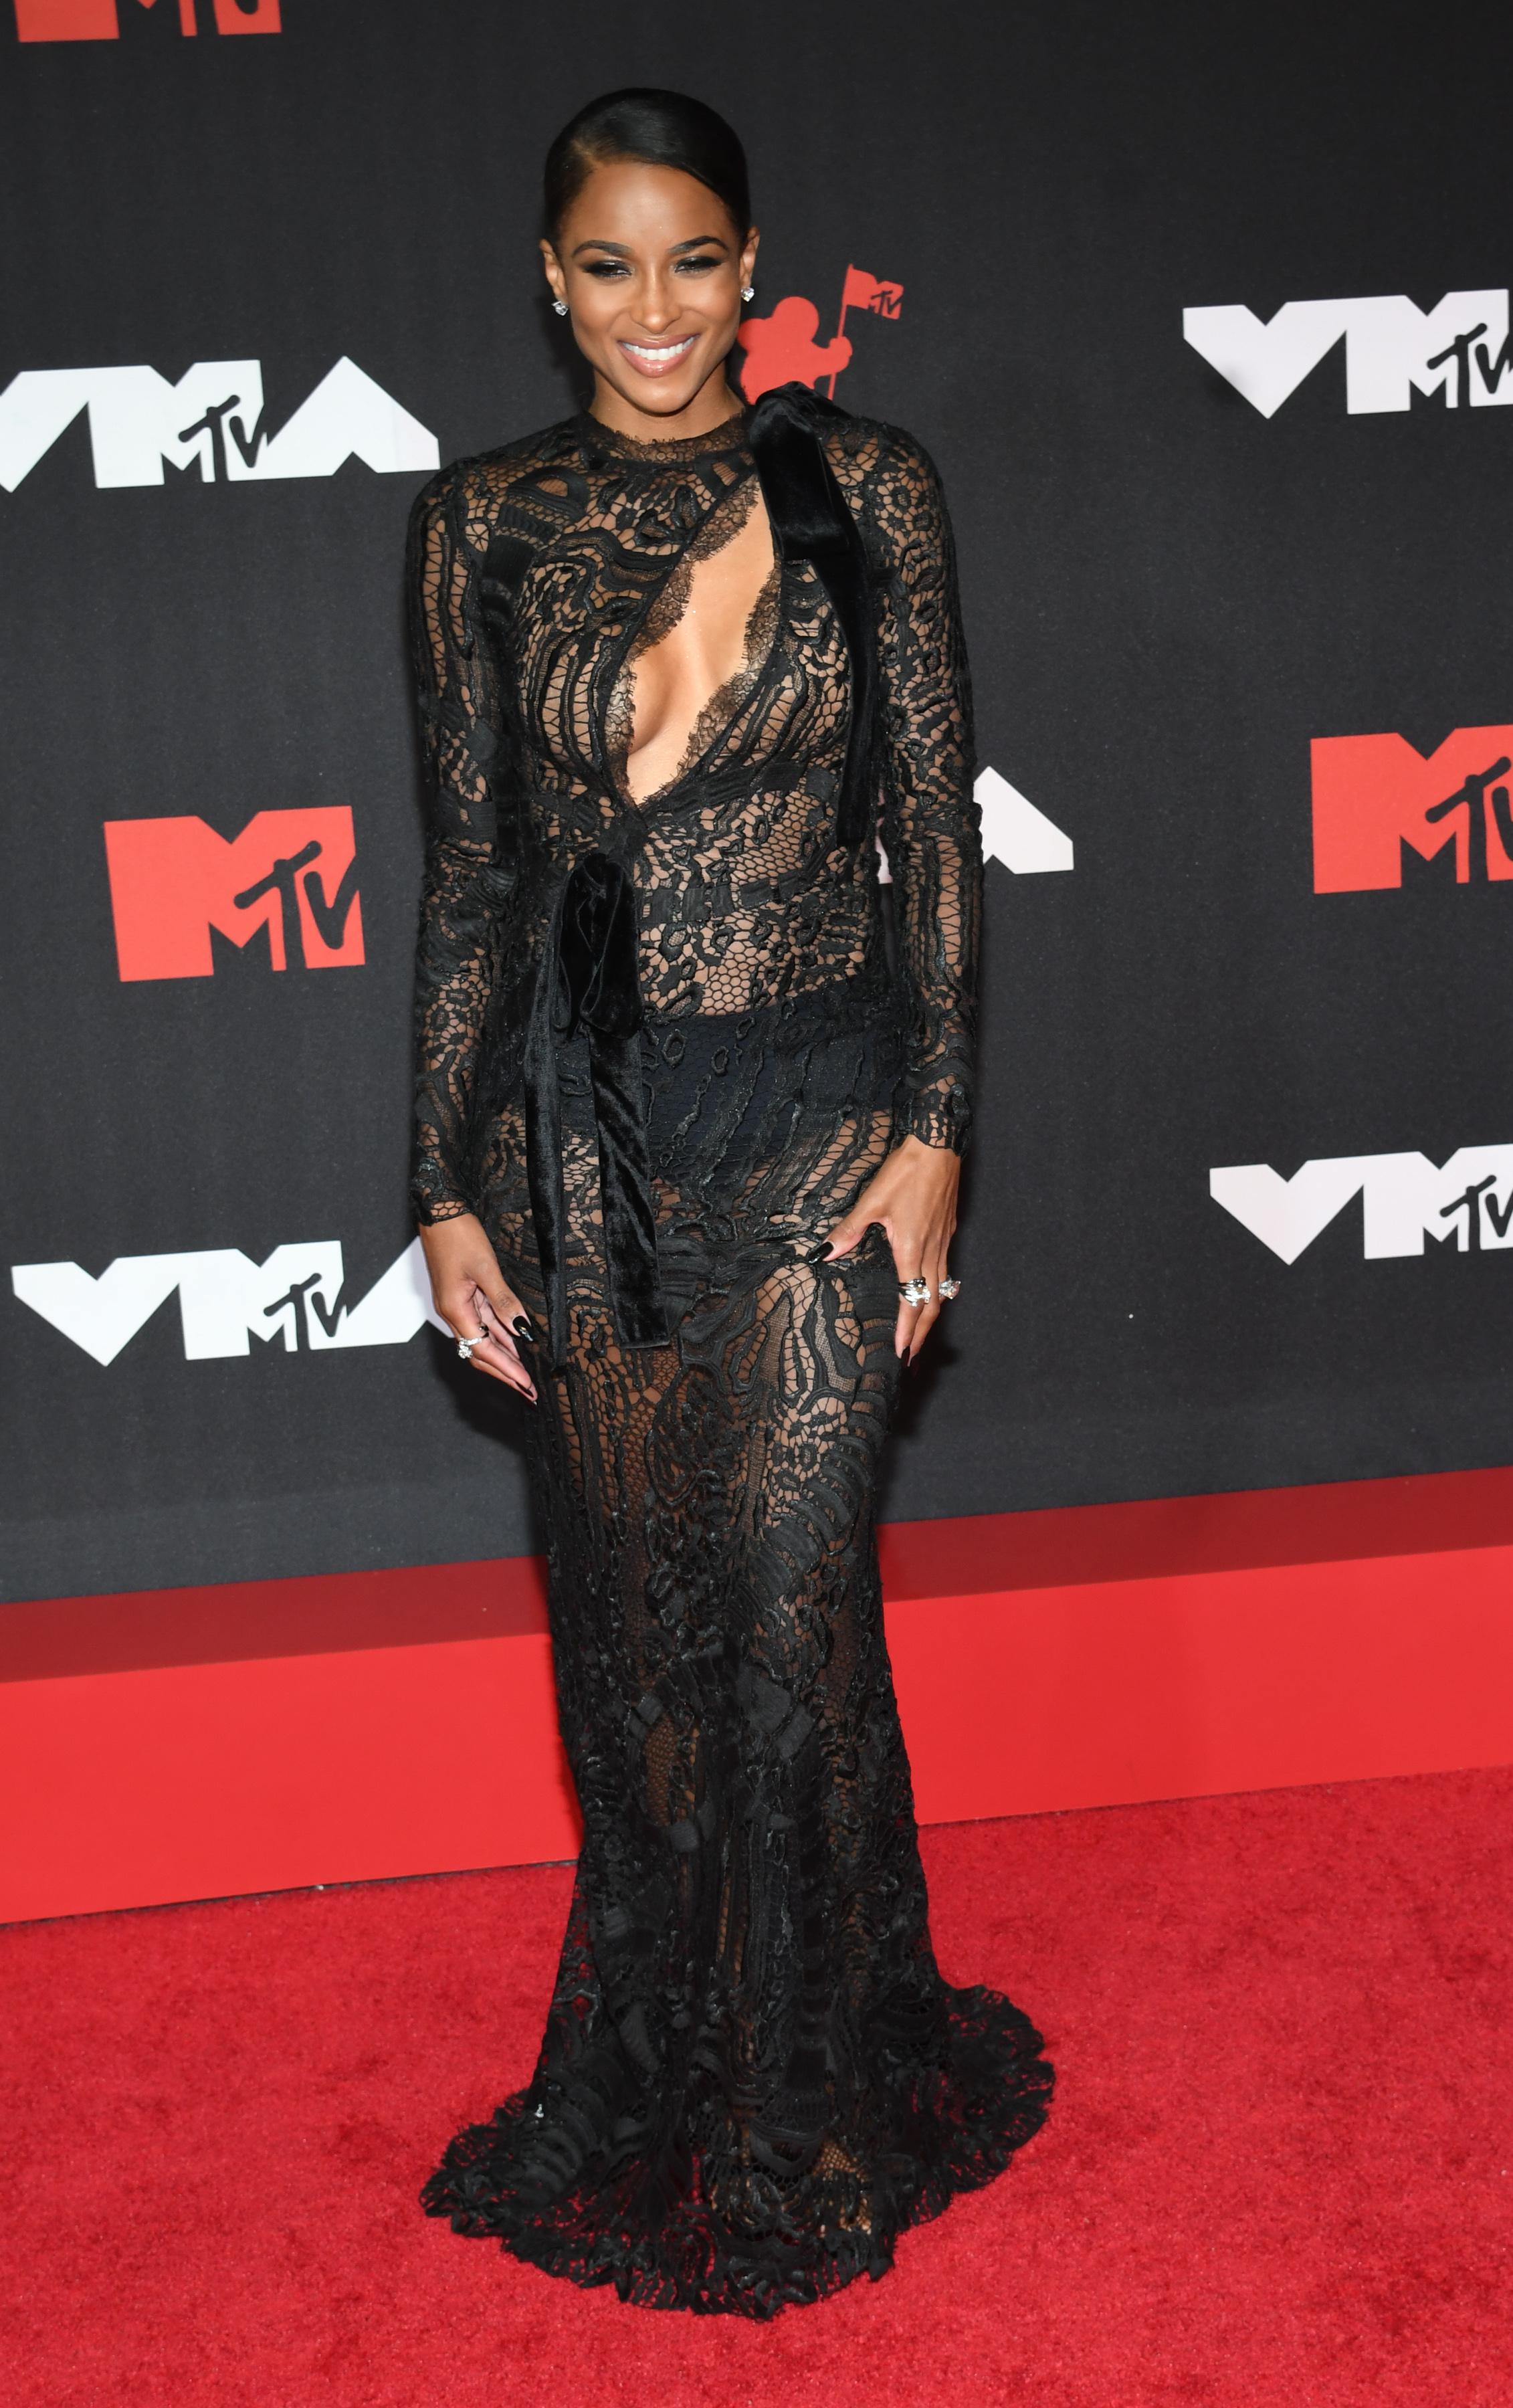 Сиара осмелилась обнажиться в кружевном черном прозрачном платье с большим вырезом на груди